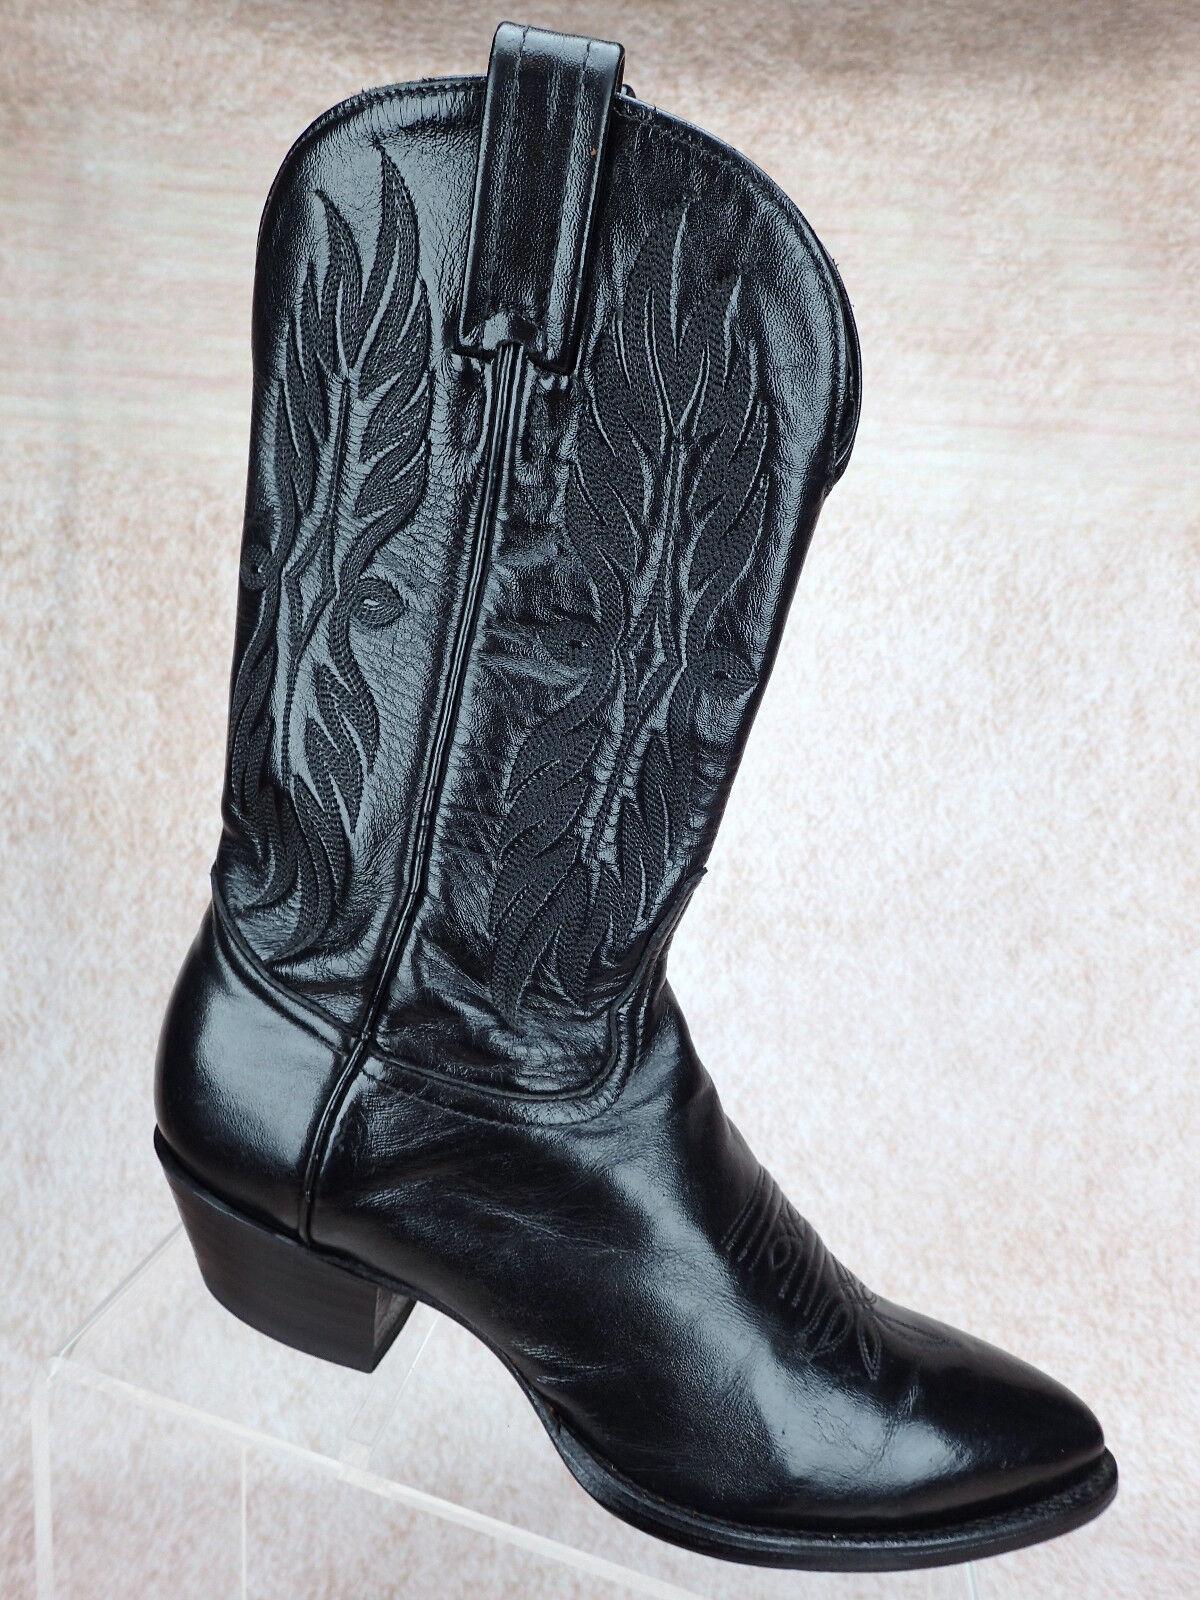 Tony Lama botas de vaquero occidental de Cuero Negro Puntera en punto para mujer M